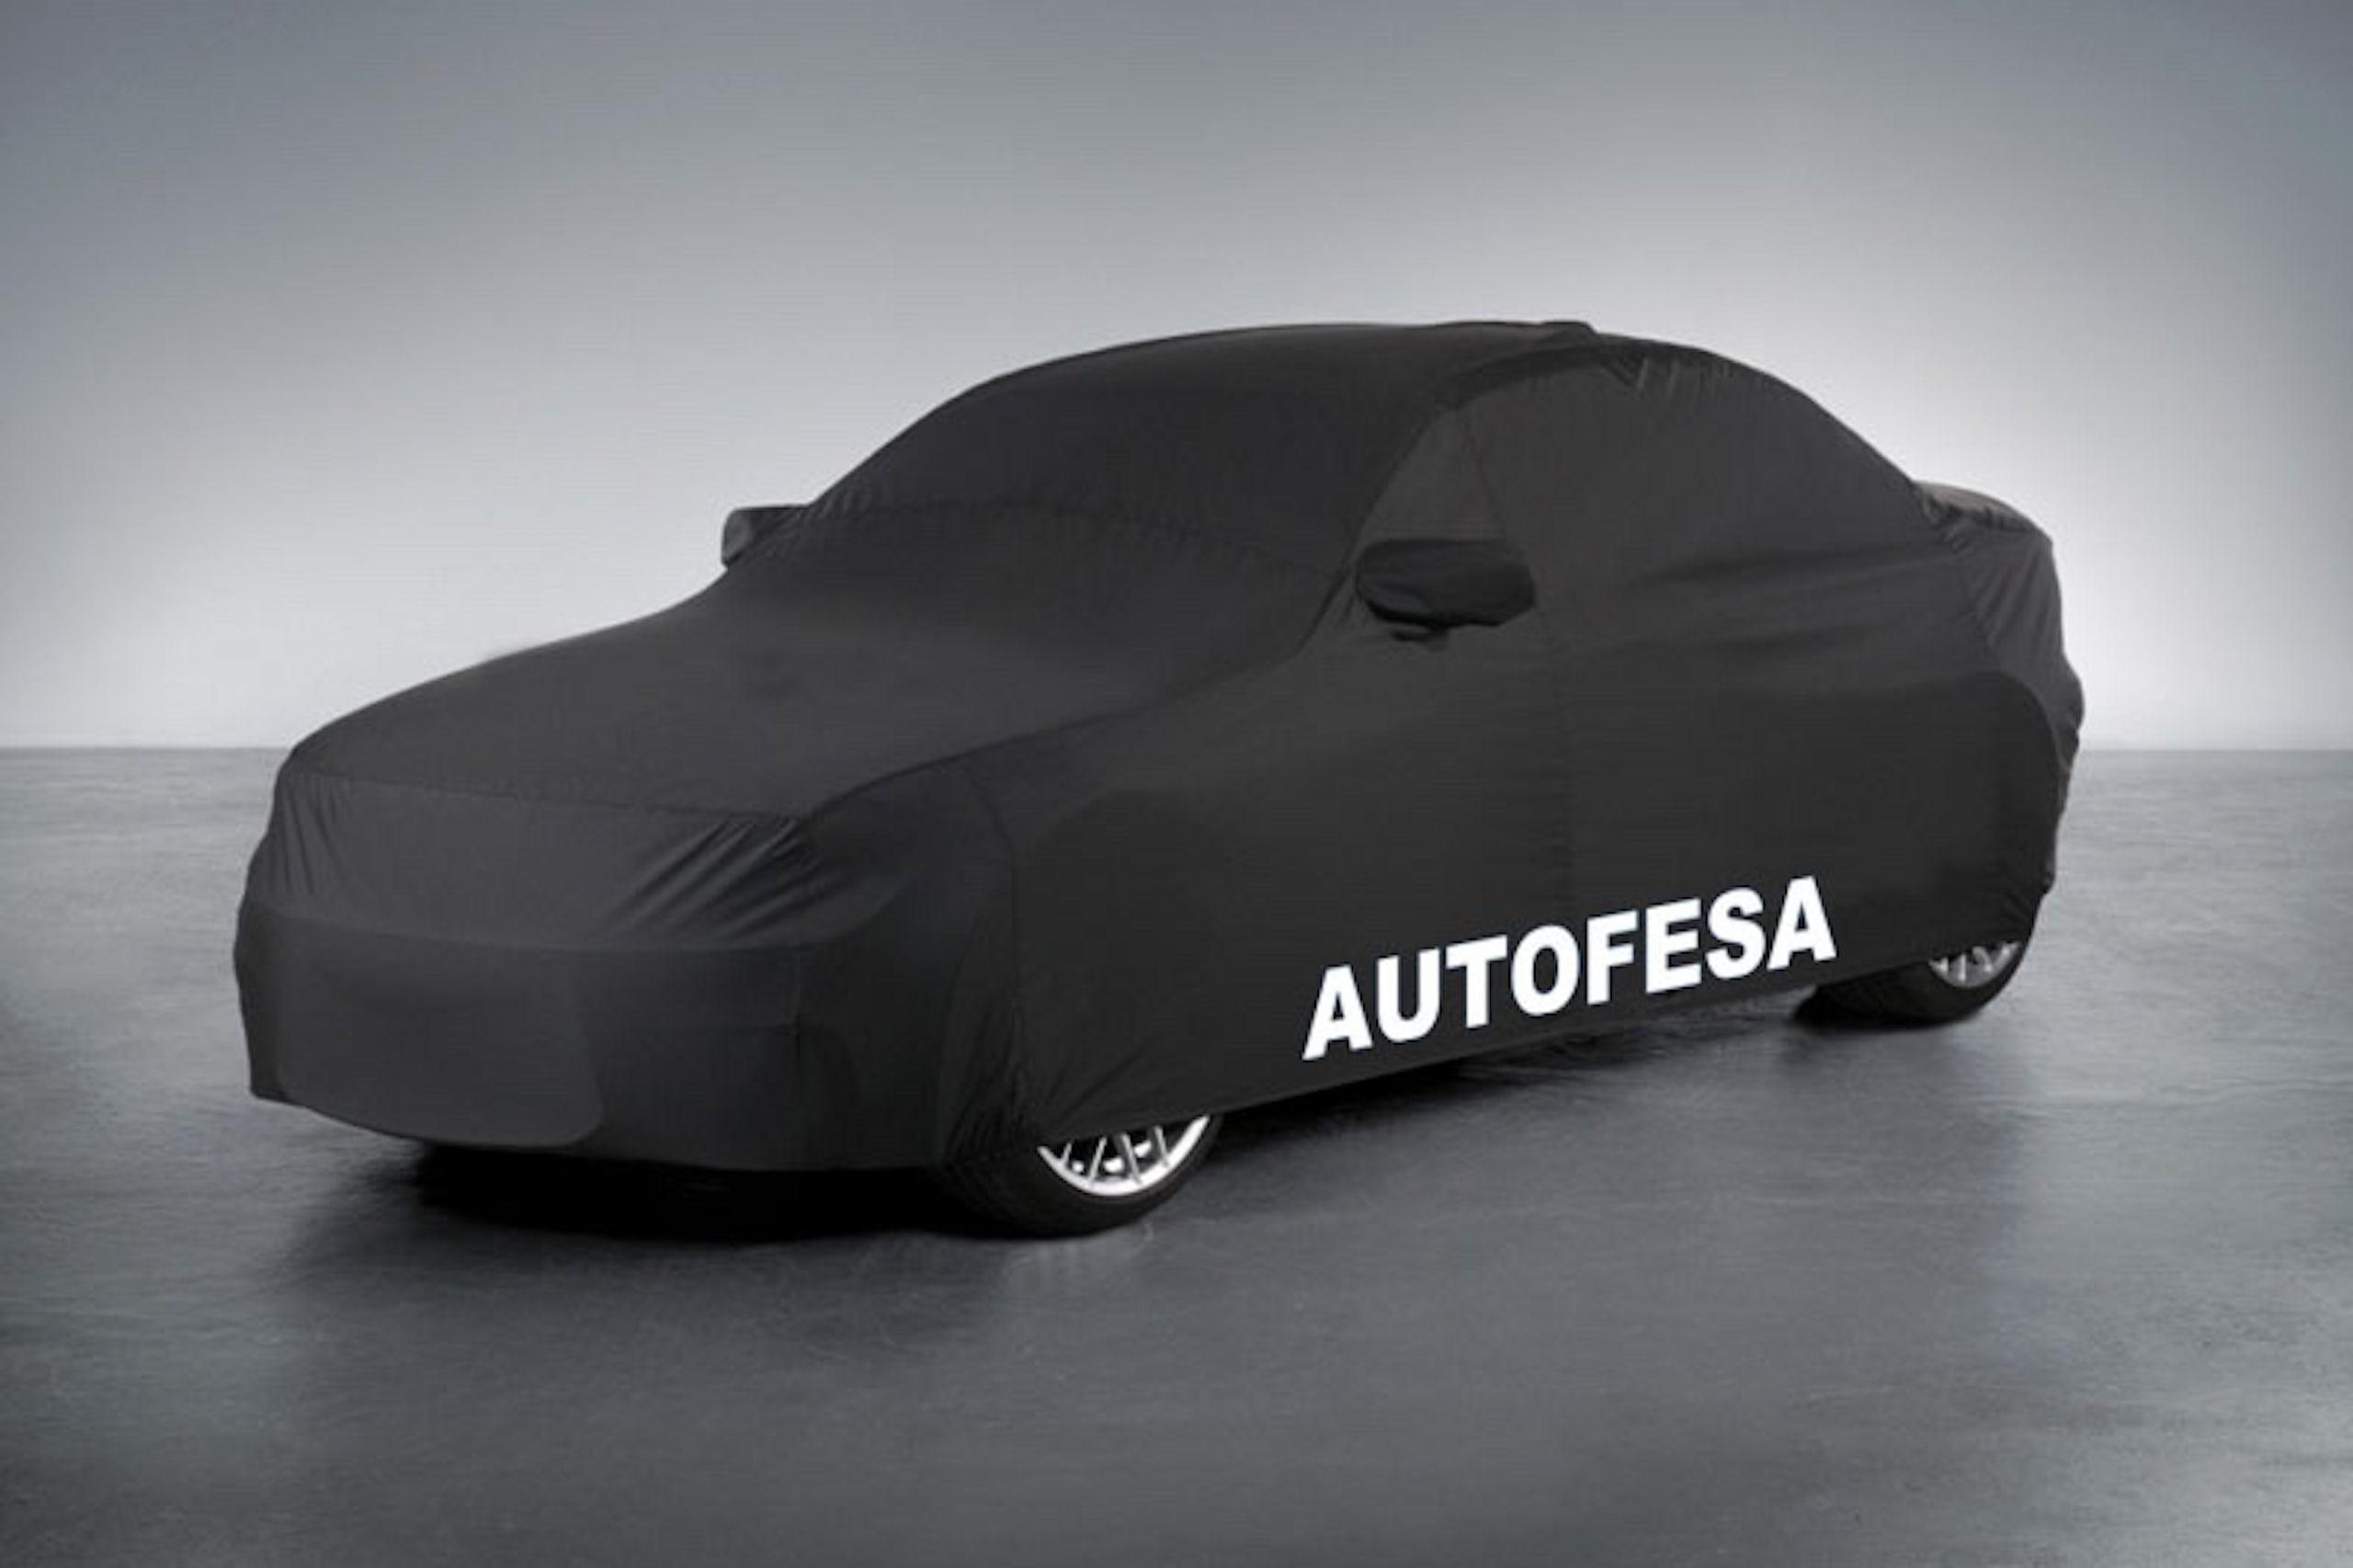 Audi Tt Roadster 2.0 TFSI 230cv quattro 2p Stronic Auto  S/S - Foto 30